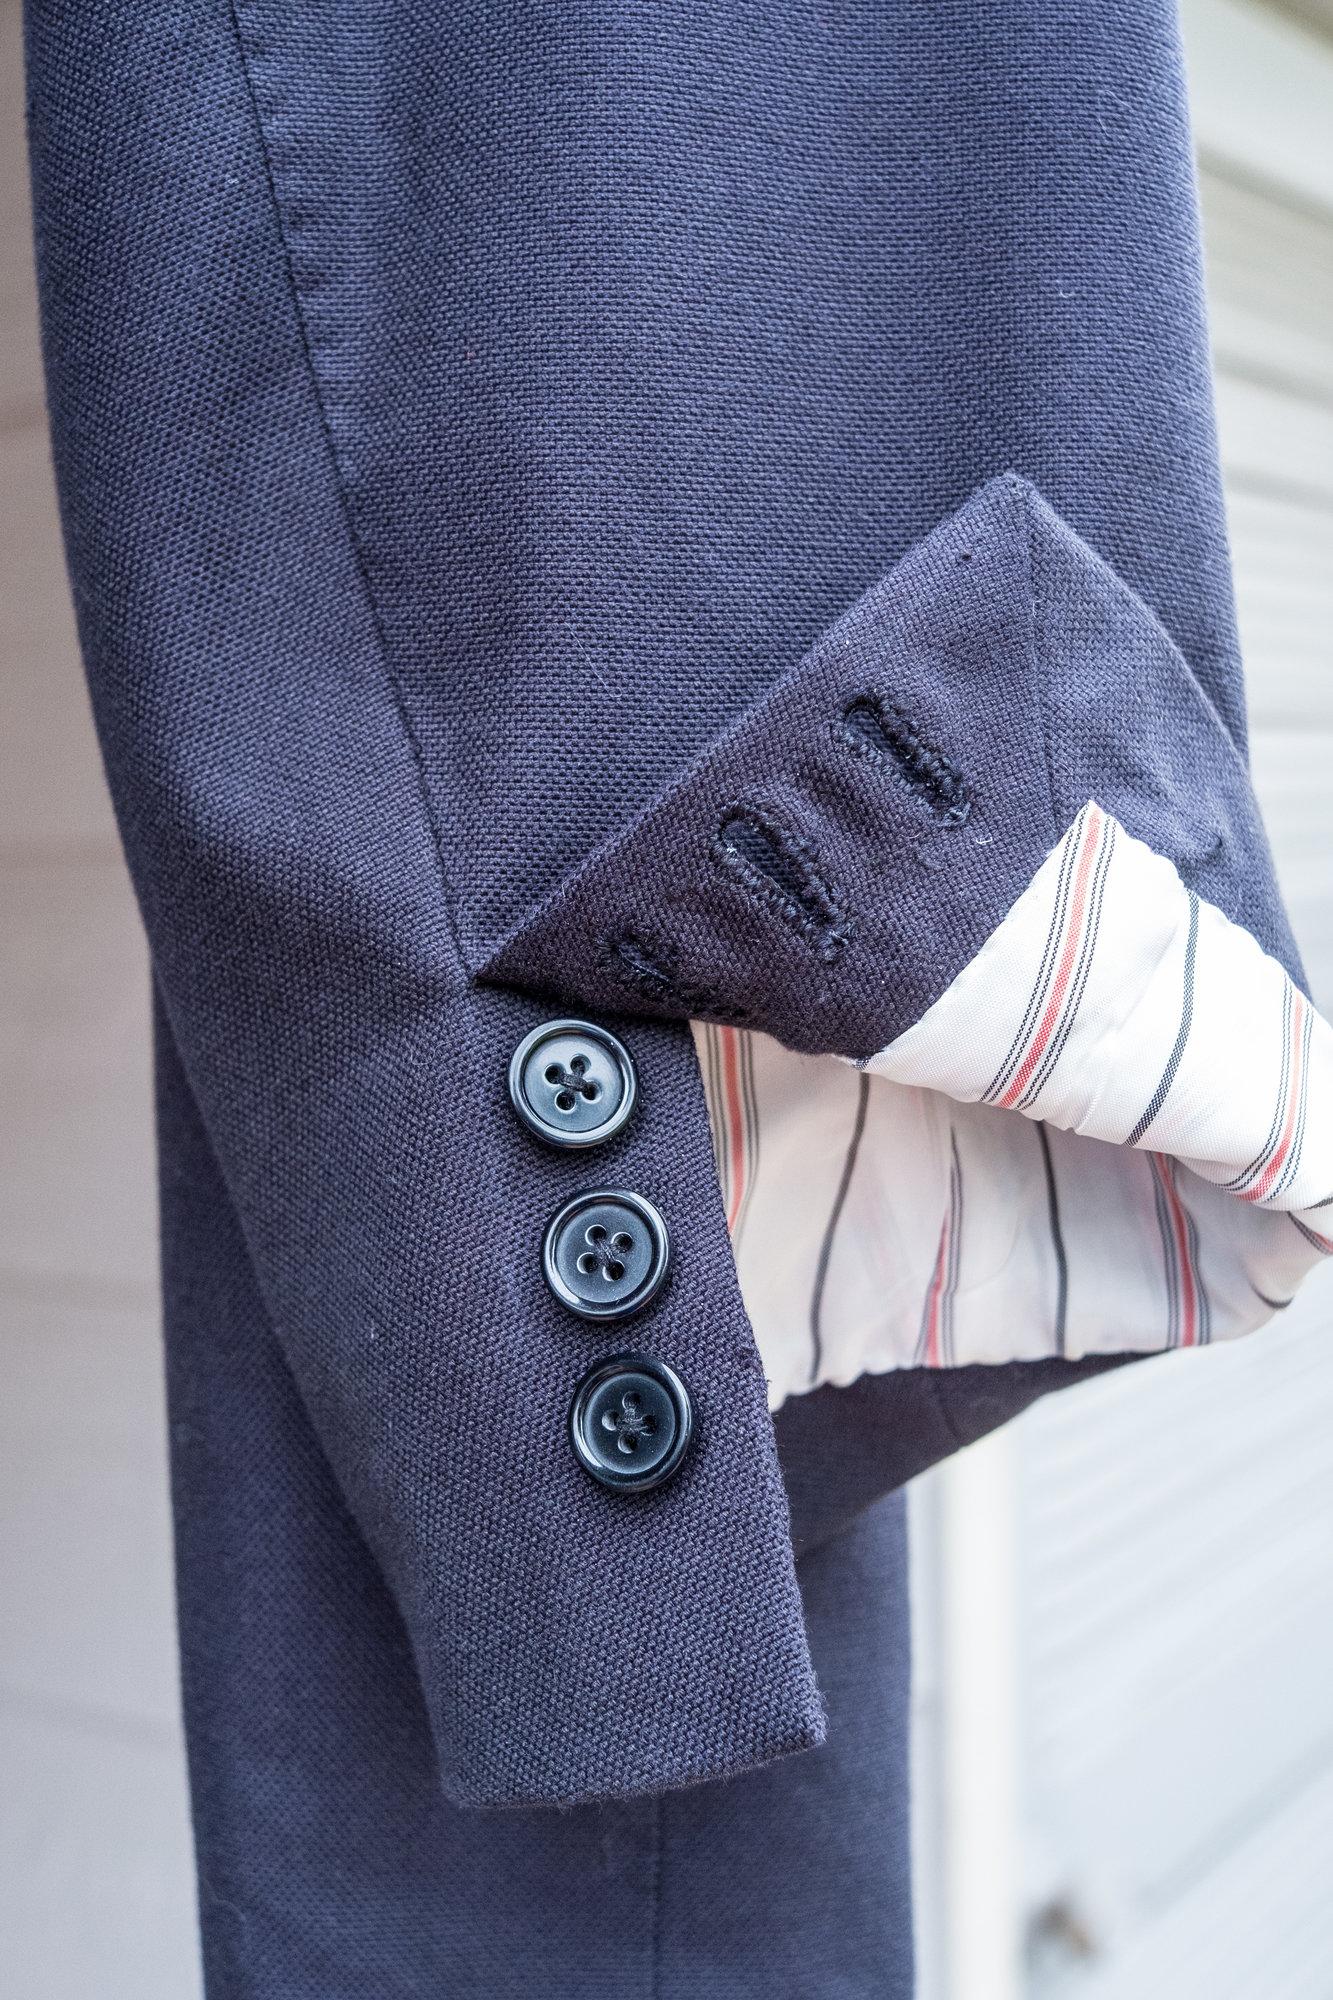 Kiton Cotton Blue Blazer in 54R (42R US size)-12.jpg